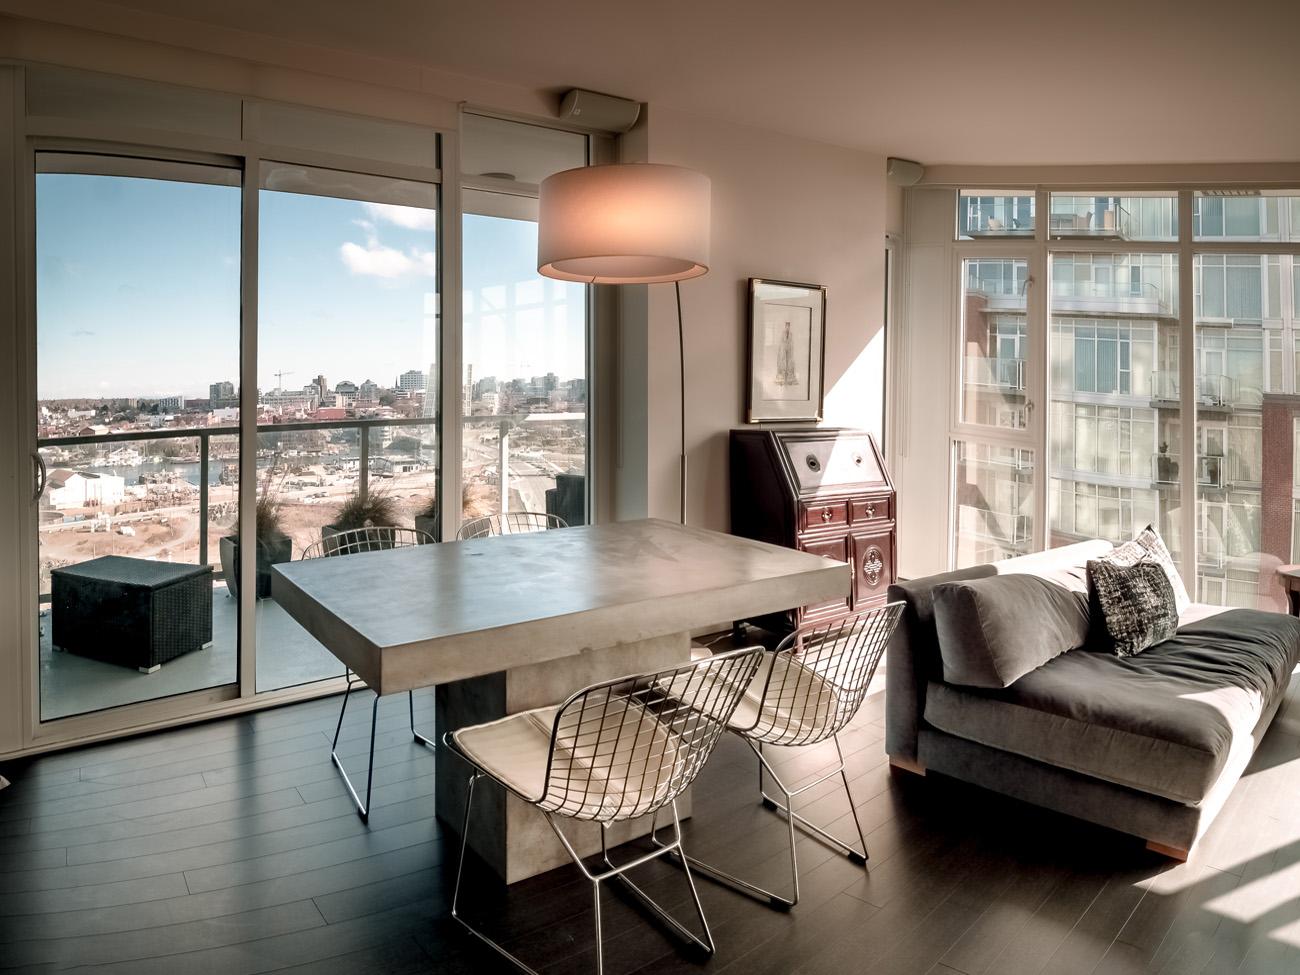 modern open concept condo with views